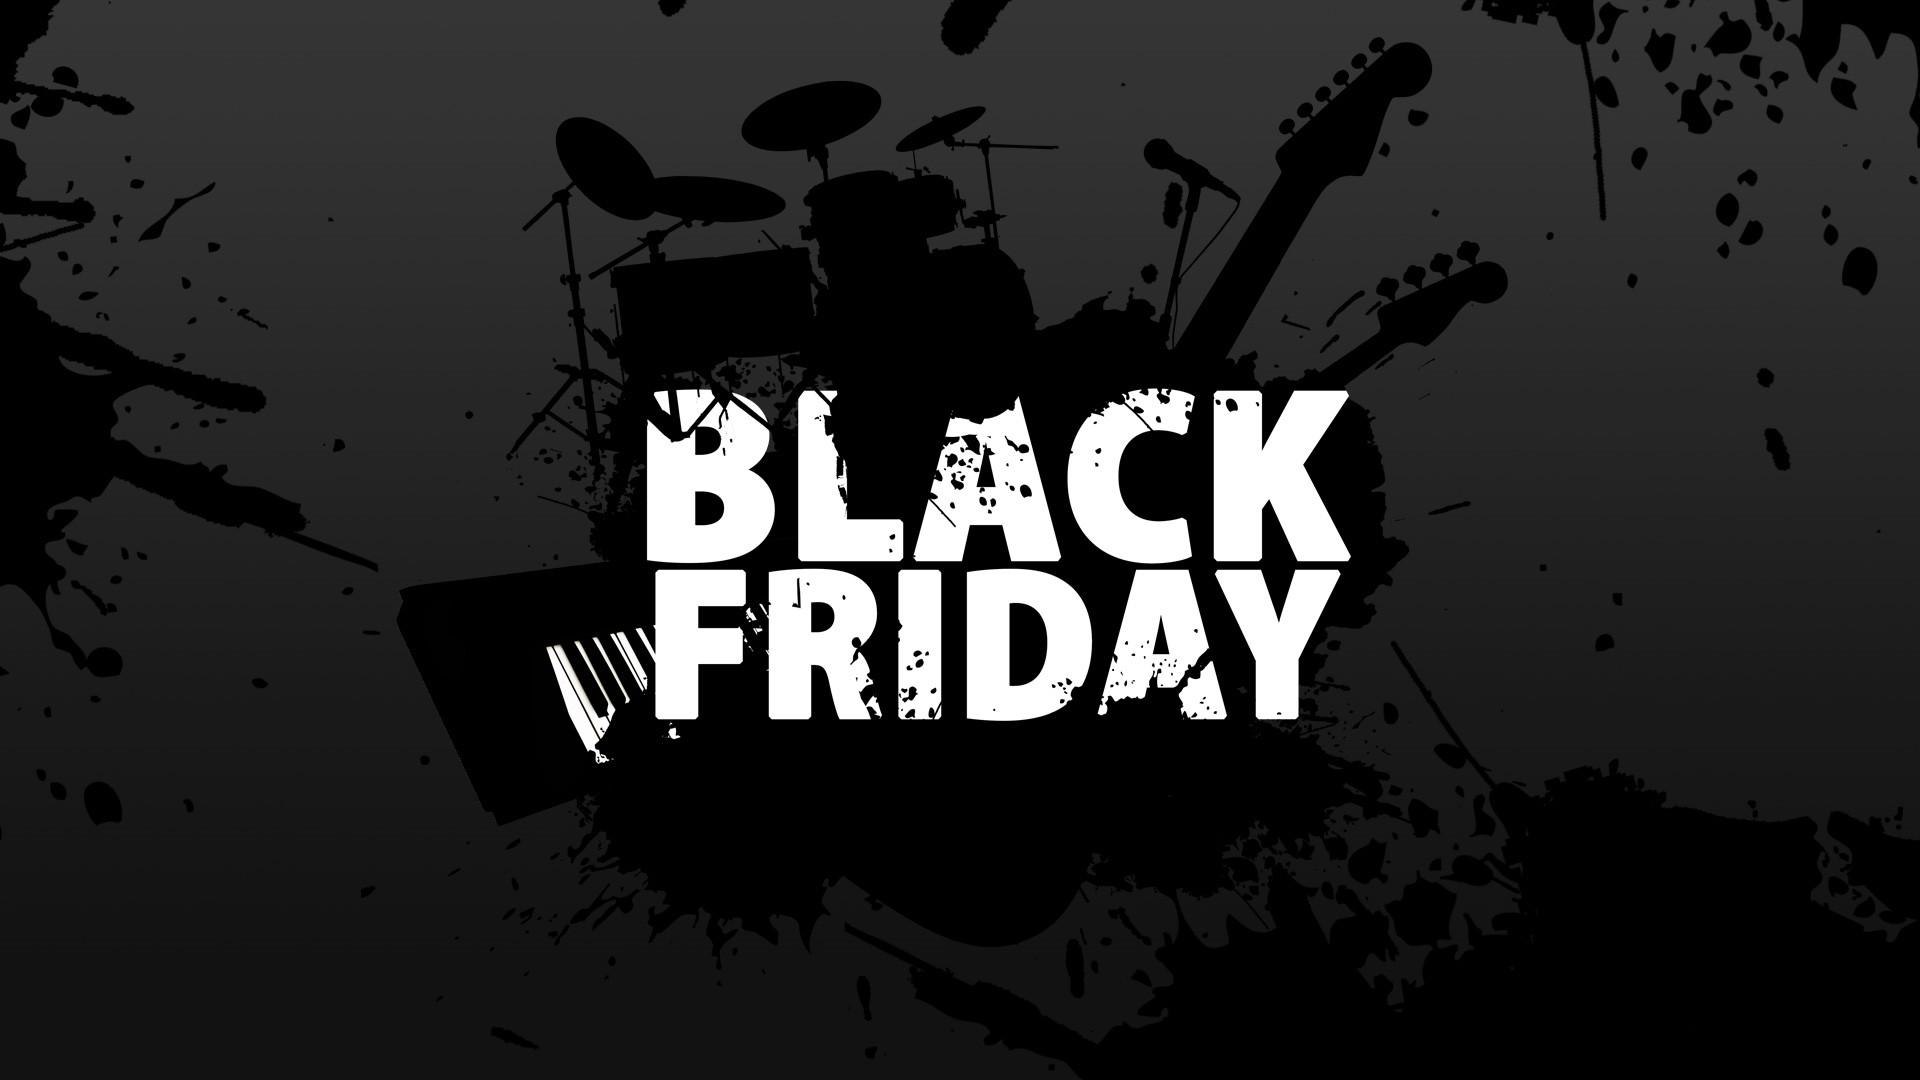 Black Friday PC Wallpaper